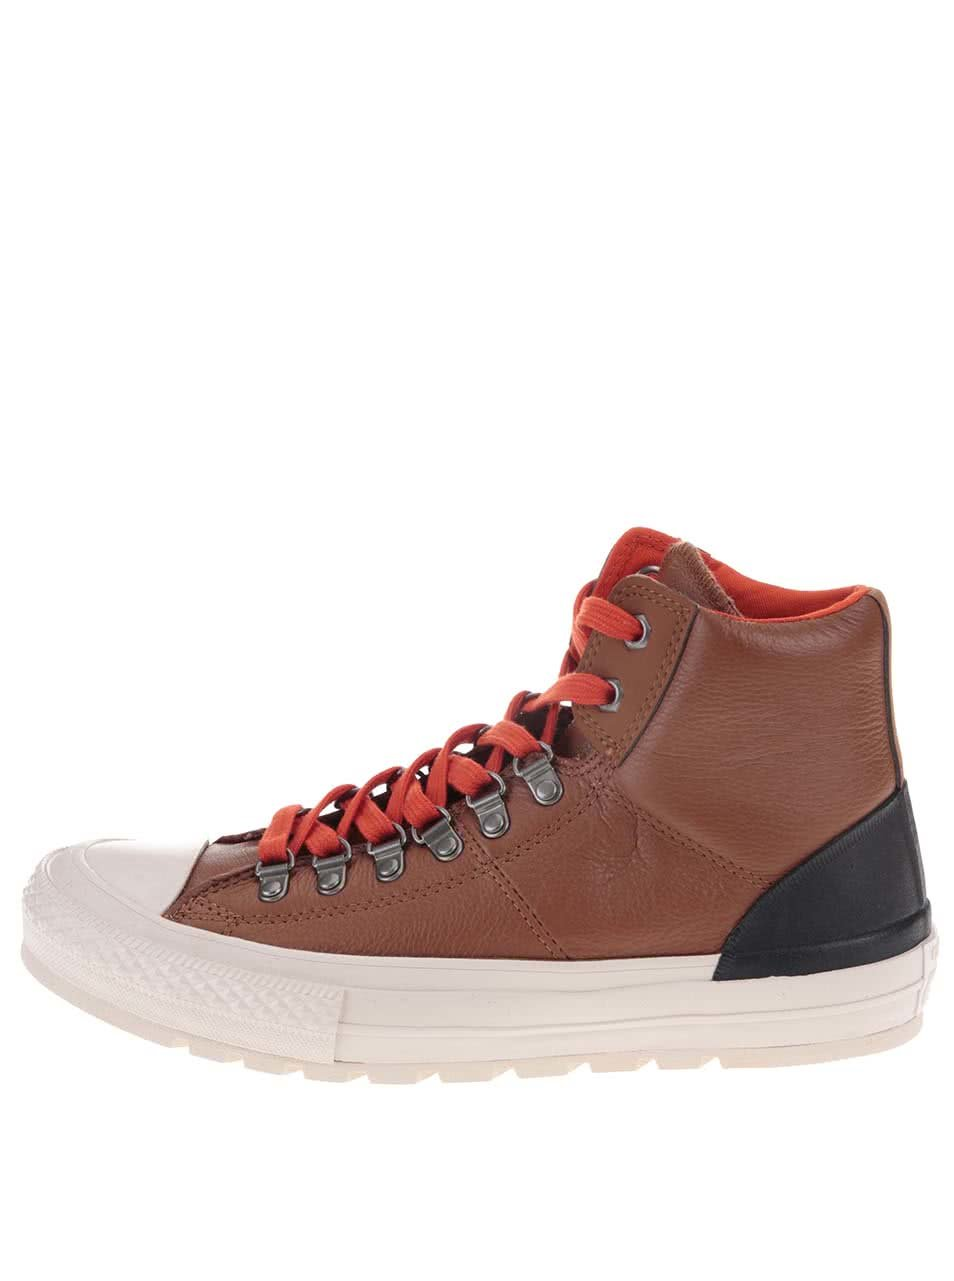 Hnědé pánské kožené kotníkové tenisky Converse Chuck Taylor All Star Street  Hiker ... 385d445e123